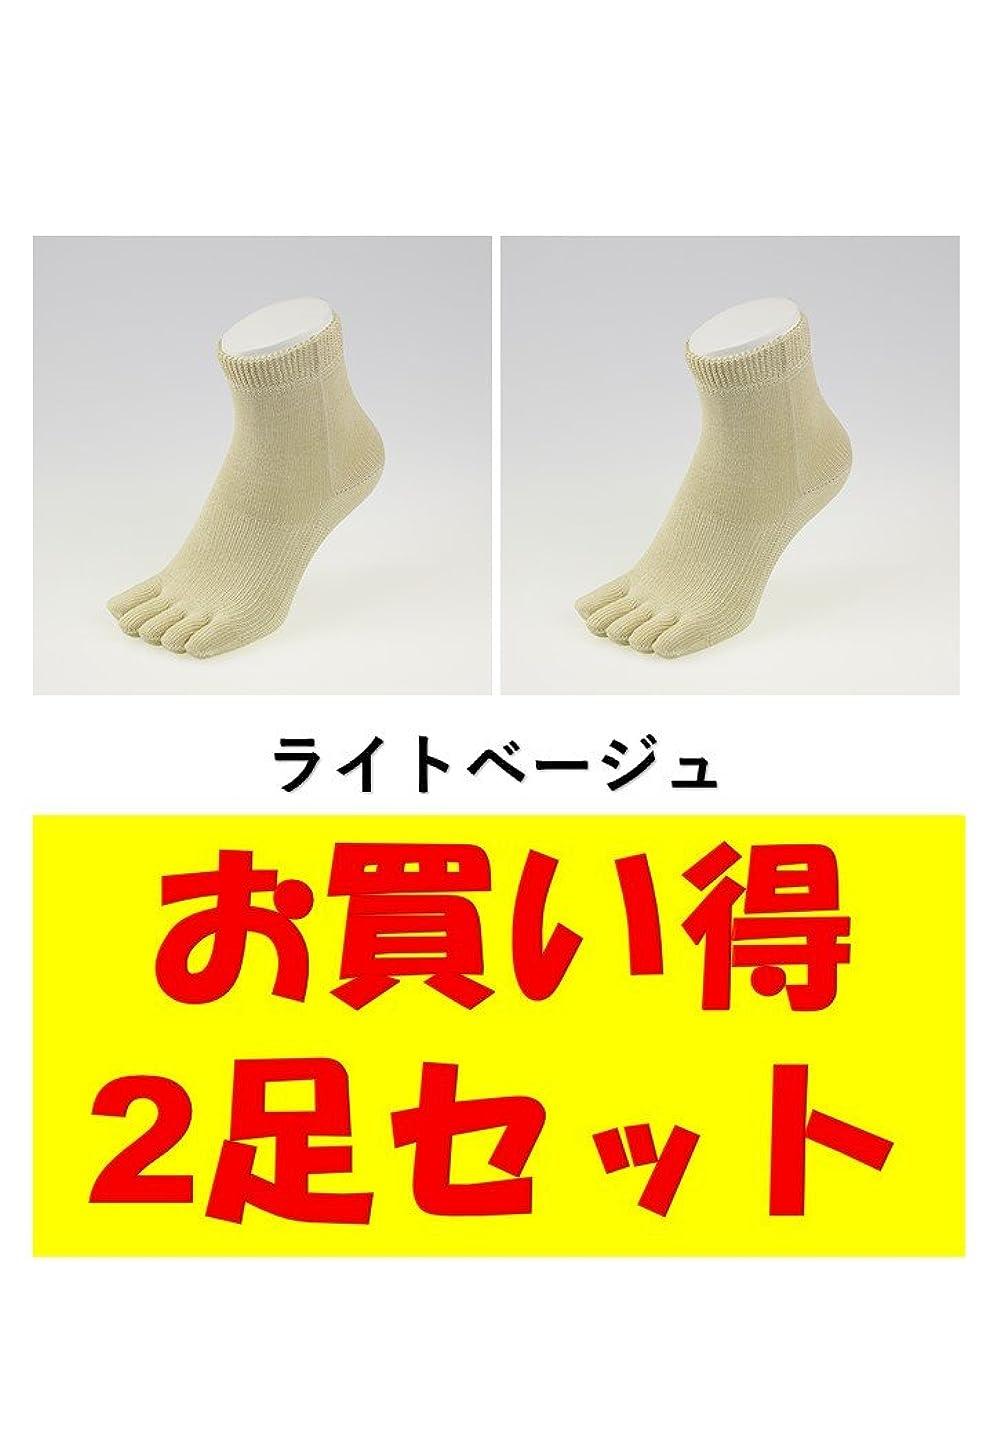 怒っている外交奇妙なお買い得2足セット 5本指 ゆびのばソックス Neo EVE(イヴ) ライトベージュ Sサイズ(21.0cm - 24.0cm) YSNEVE-BGE